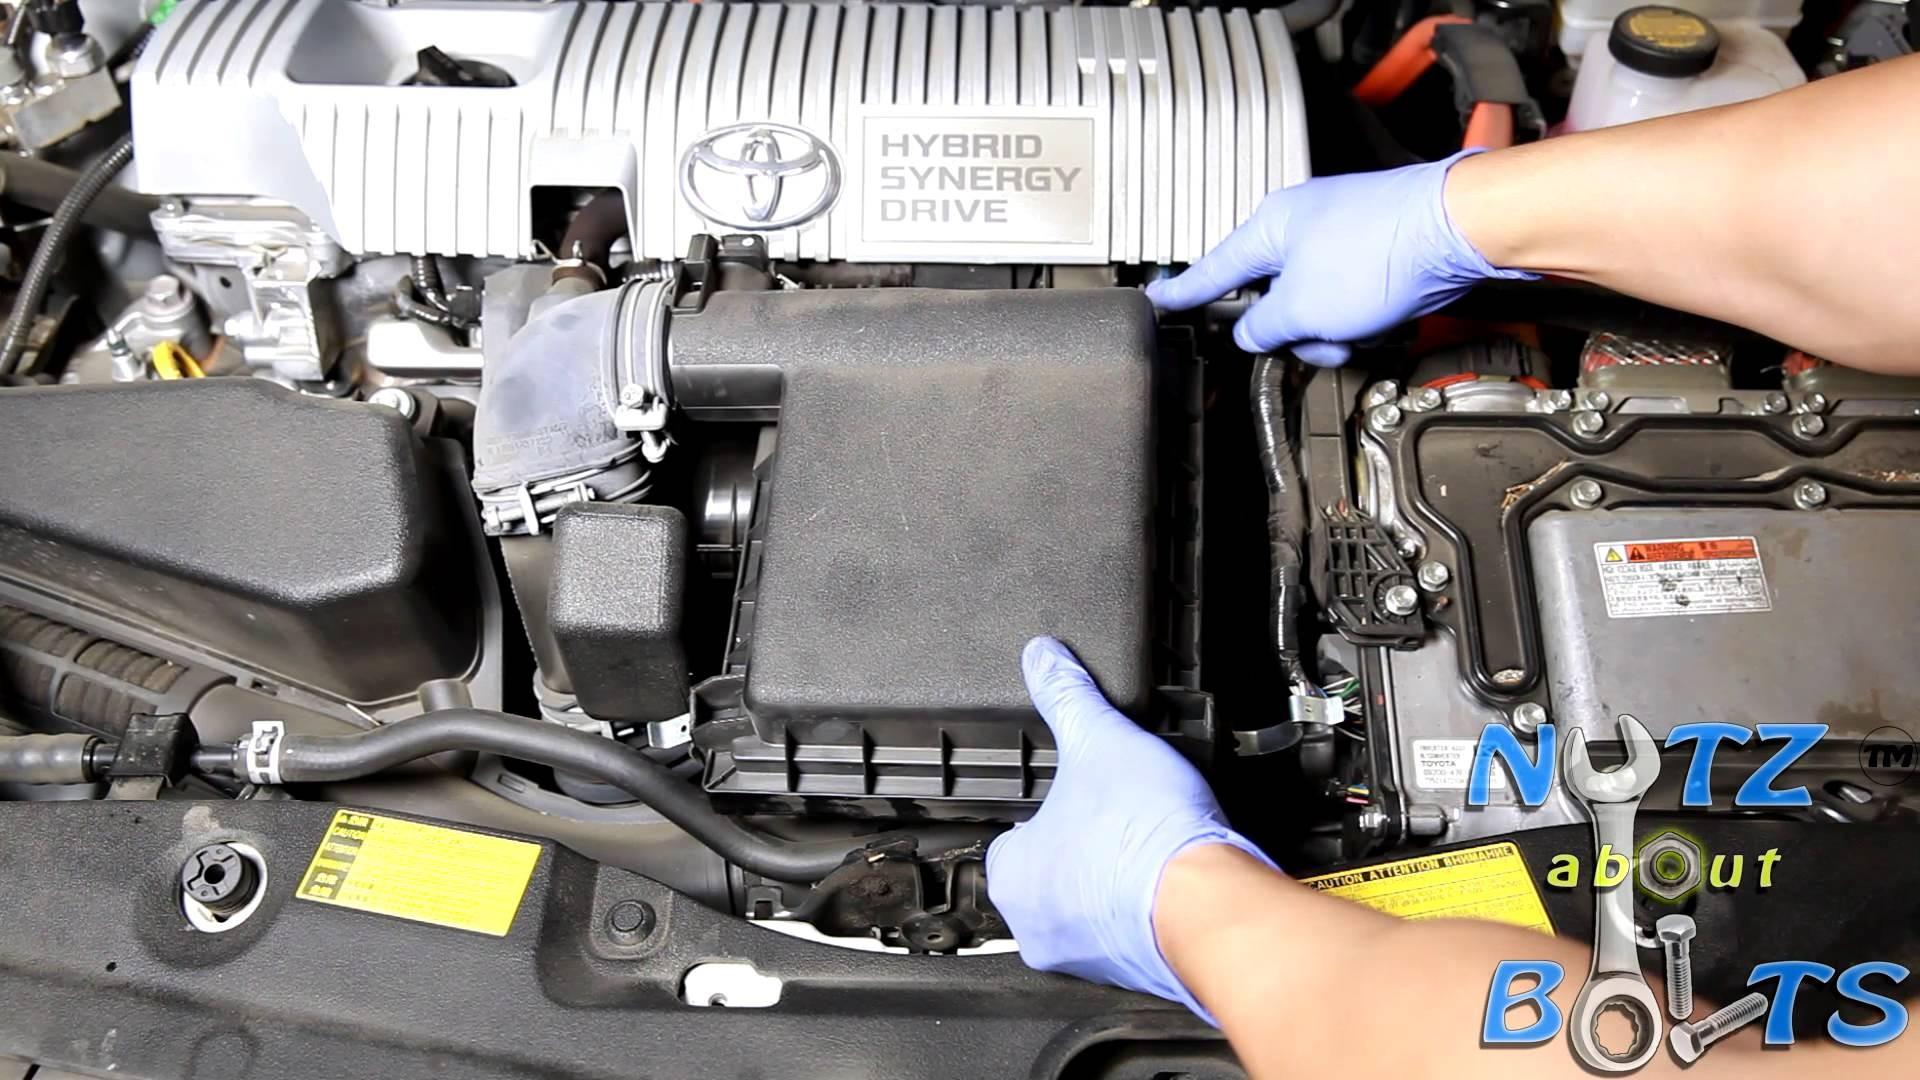 Prius Engine Diagram 2010 2015 toyota Prius Engine Air Filter Replacement Of Prius Engine Diagram